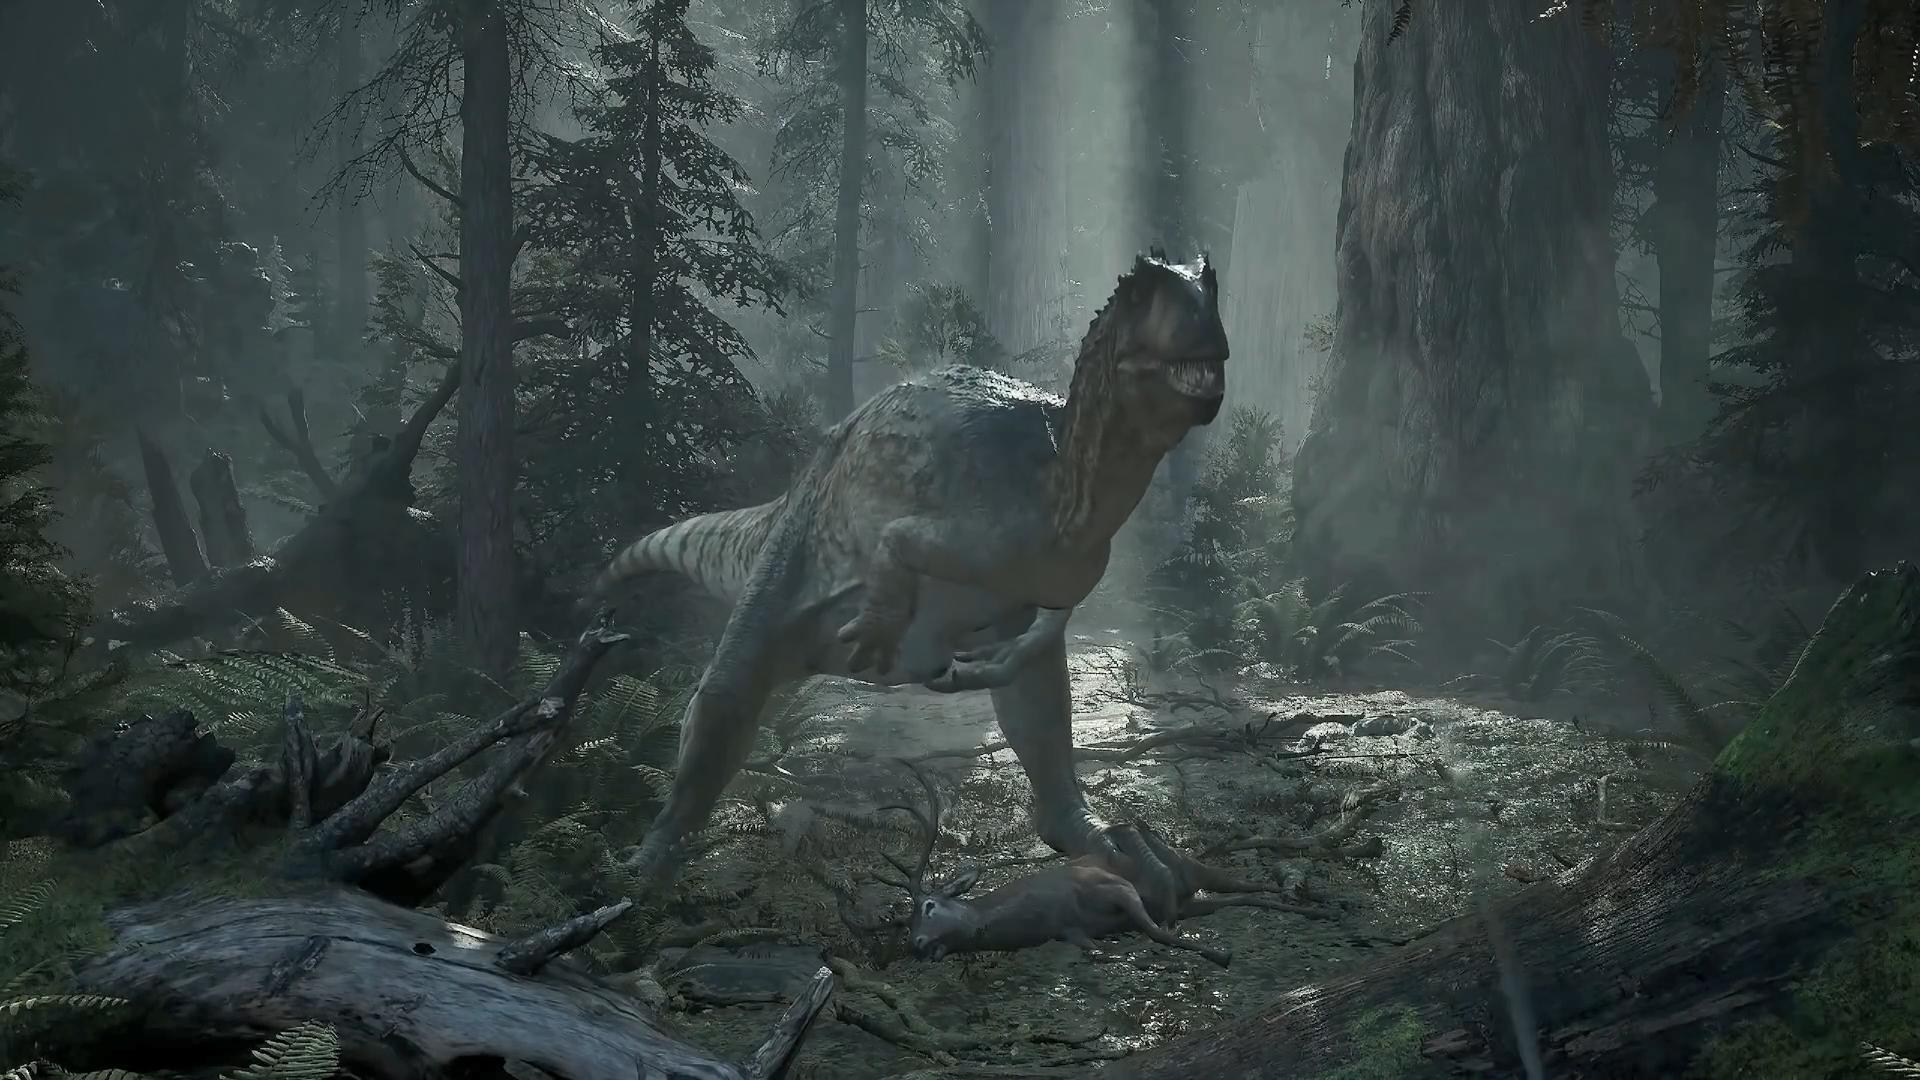 新游《迷失荒野》官方前导预告片 支持4K60帧